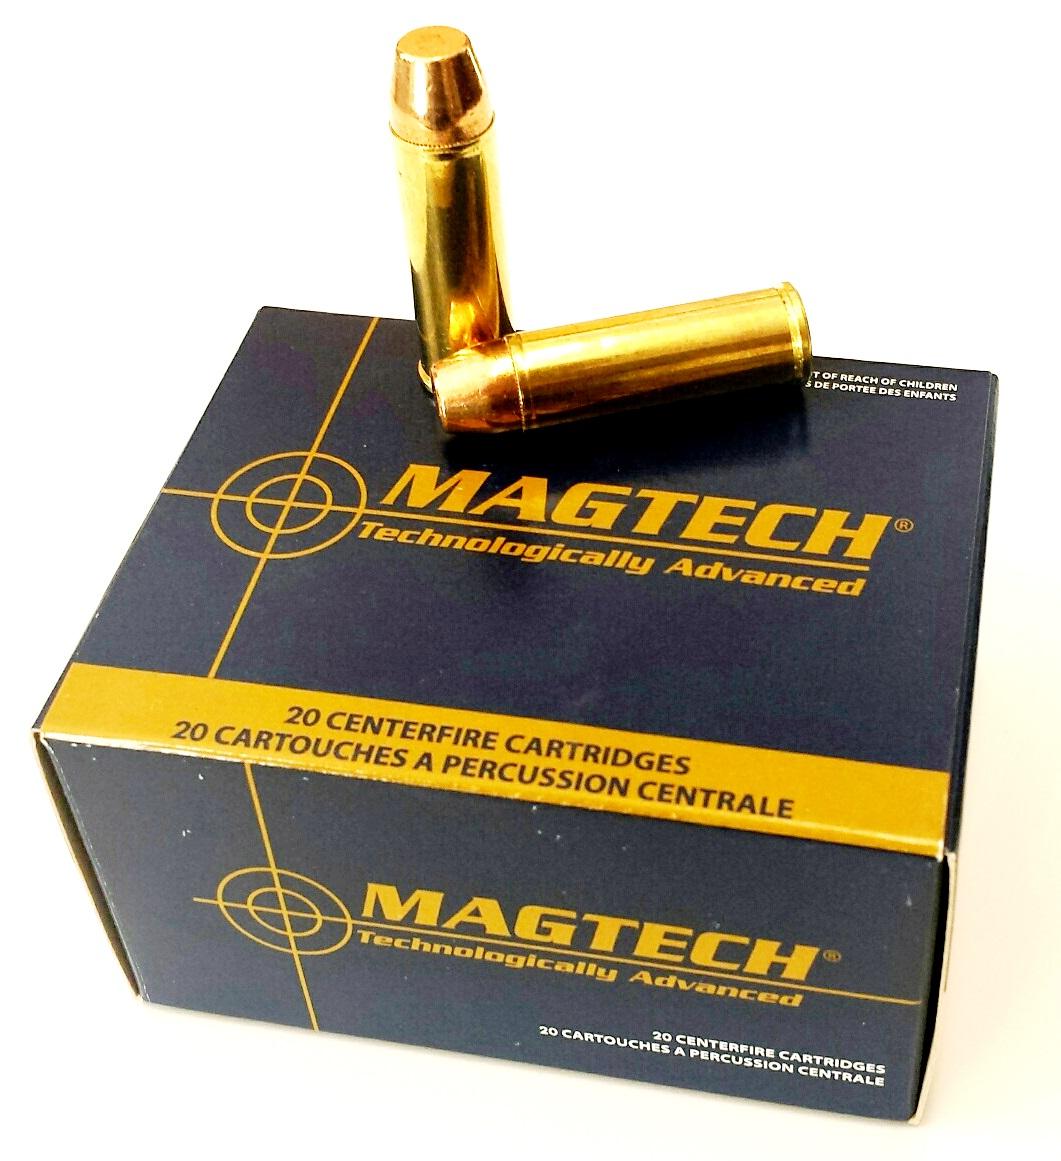 Magtech Revolverpatrone cal. .454 Casull